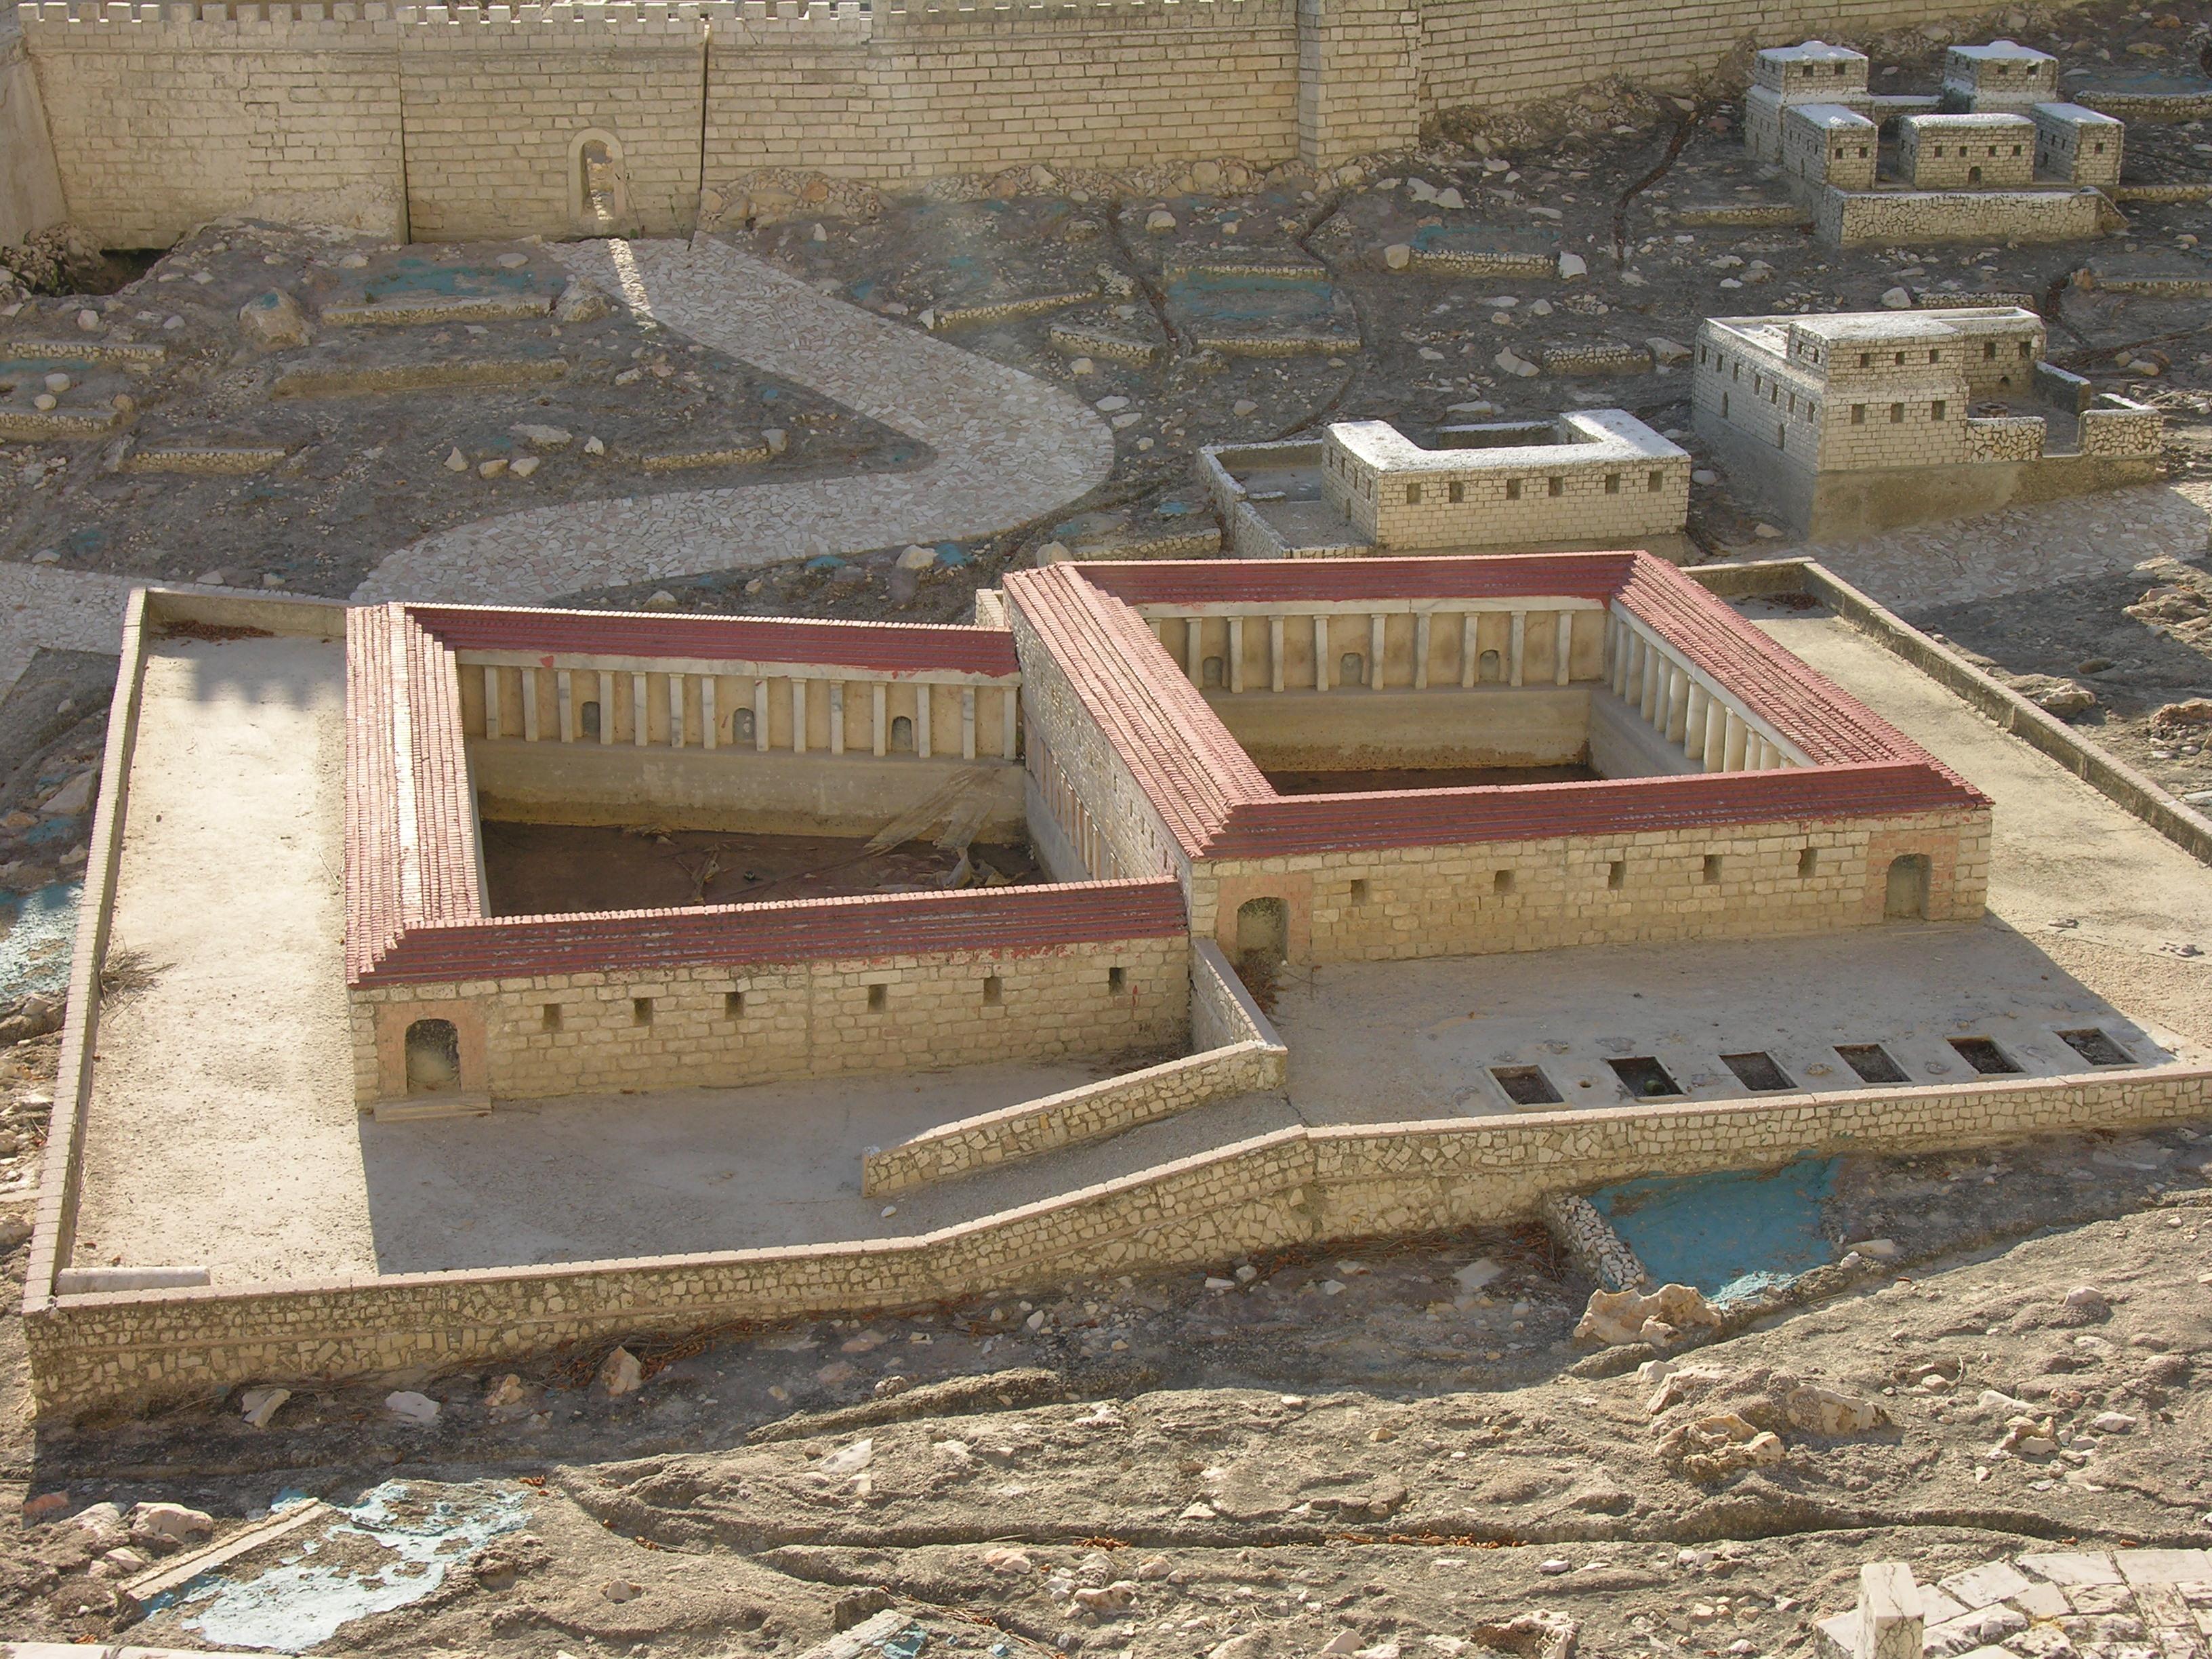 La piscina probatica nella ricostruzione del plastico dell - Piscina oristano ...